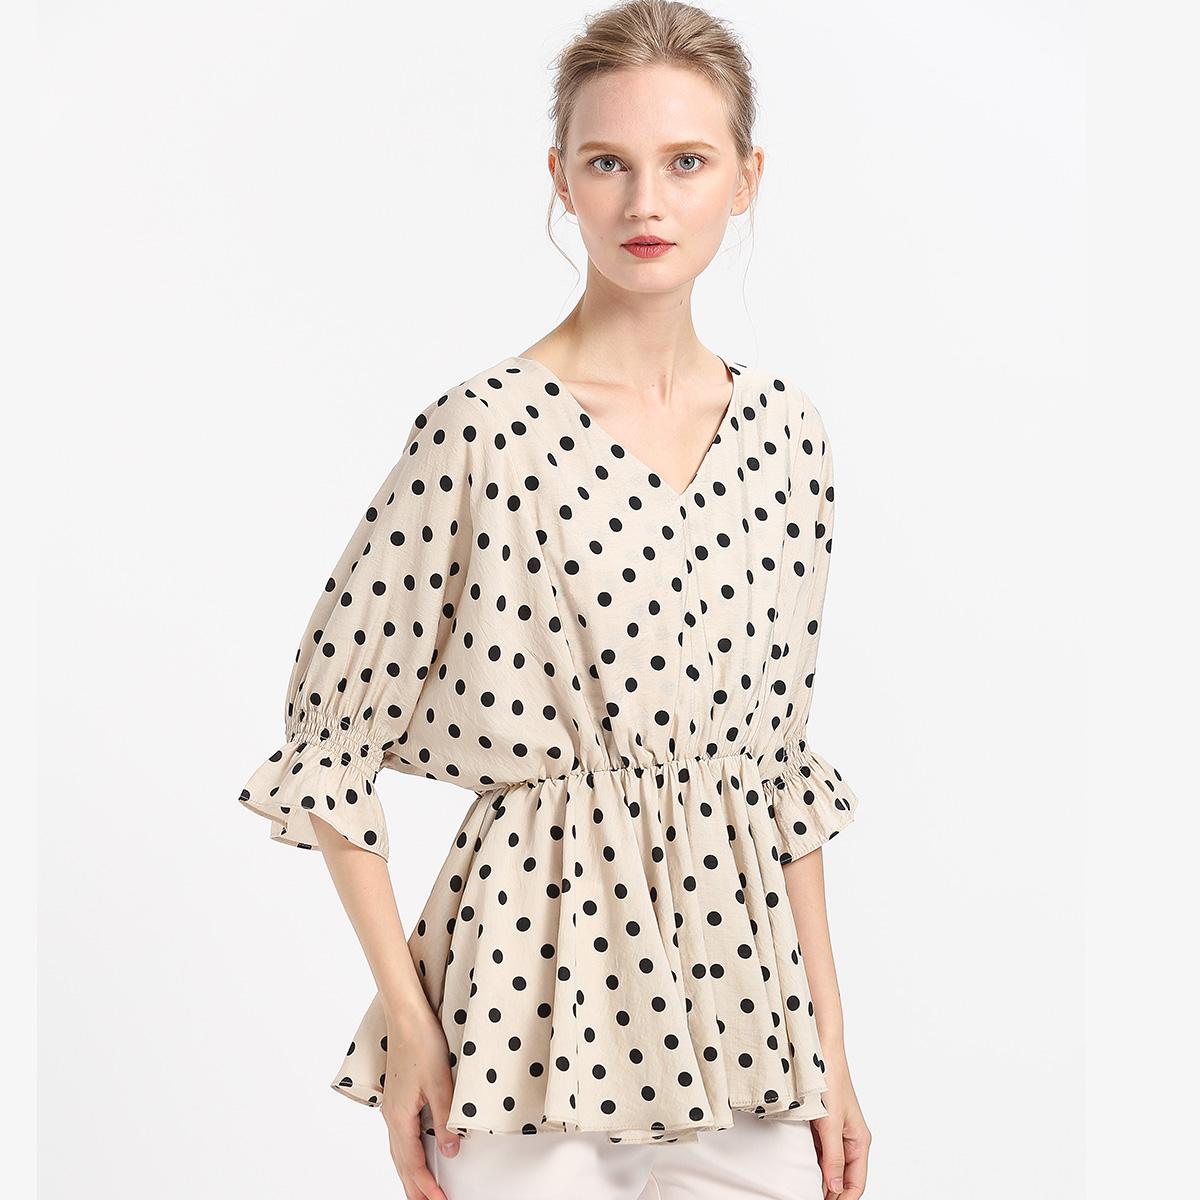 波点衬衫 2019夏季新款波点印花V领衬衫灯笼袖七分袖收腰中淑衬衣女上衣_推荐淘宝好看的女波点衬衫